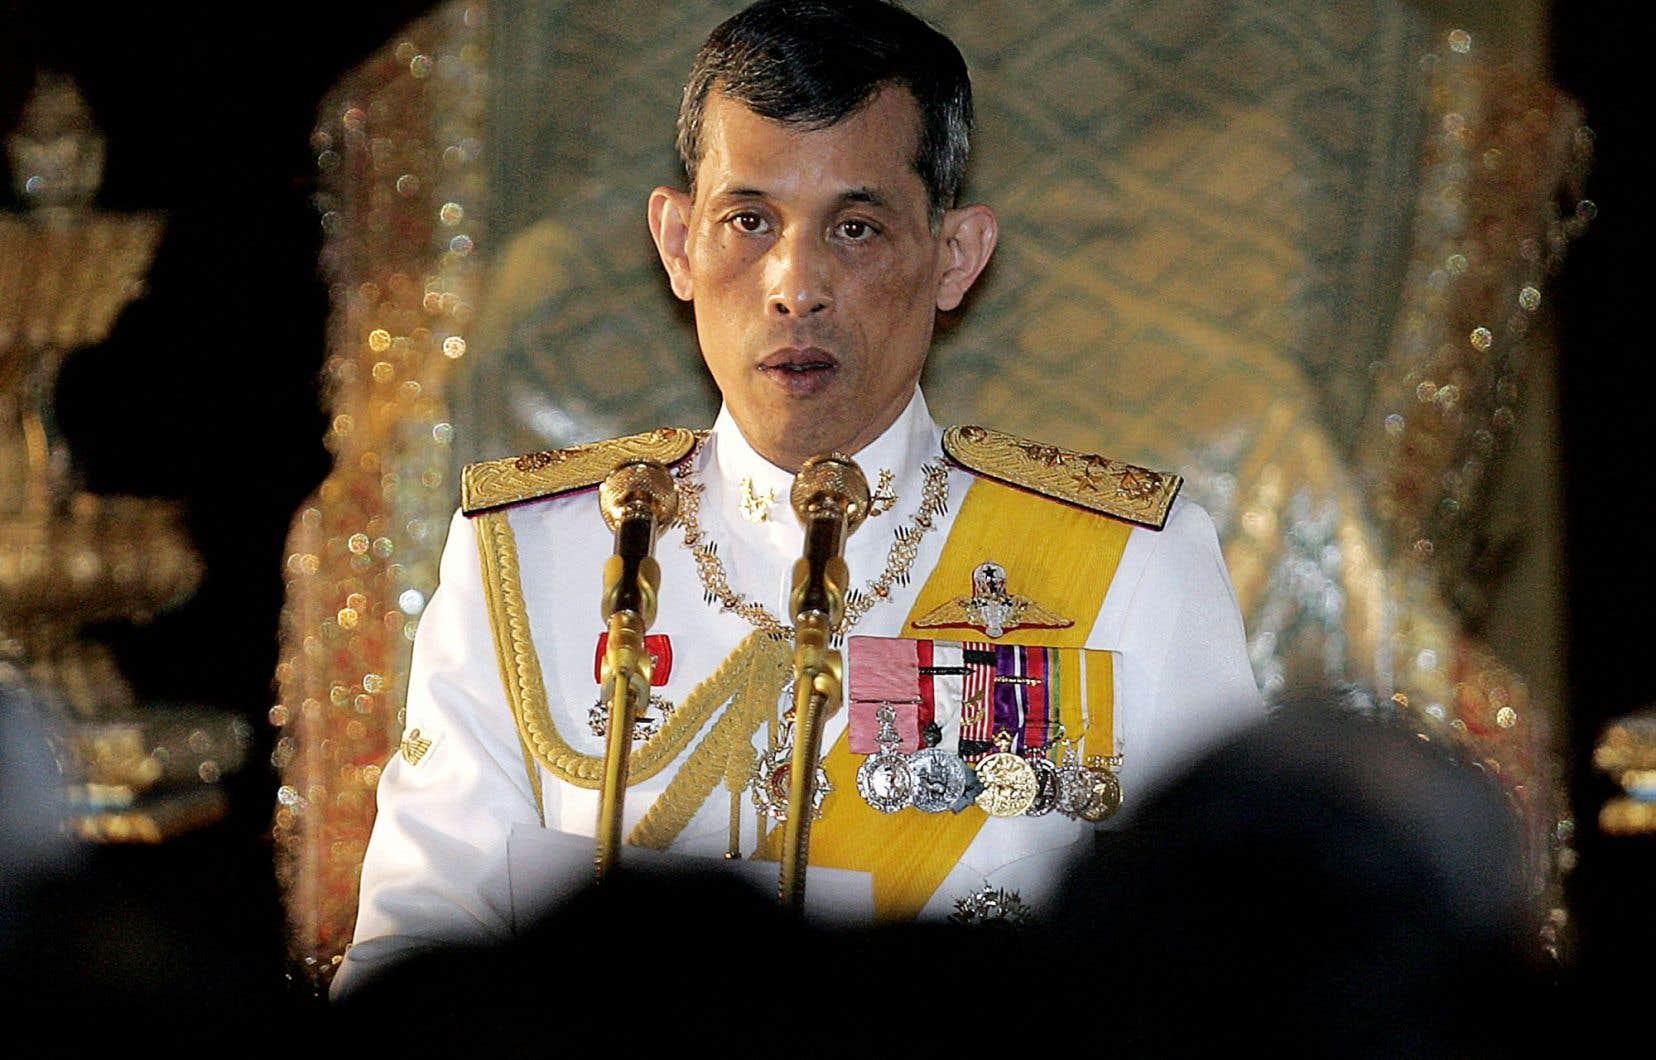 Le nouveau roi thaïlandais portera le nom de Rama X.